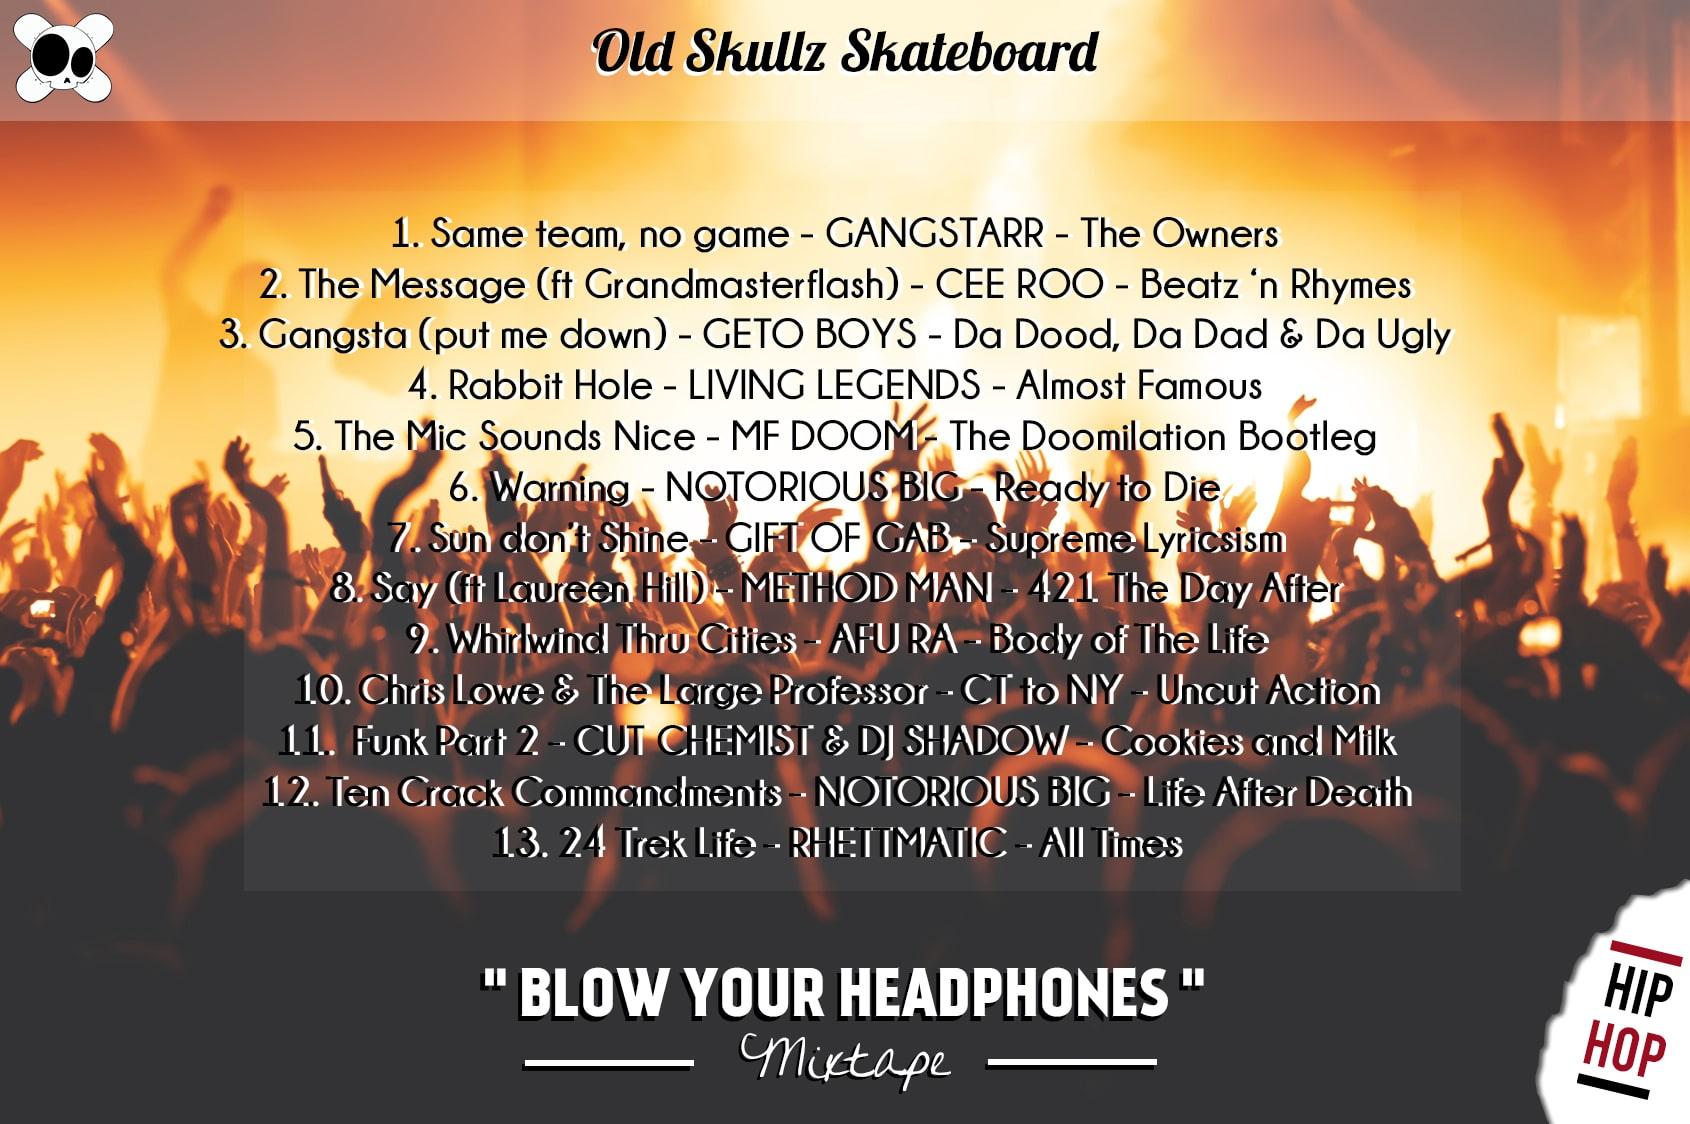 BLOW YOUR HEADPHONES Hip Hop mixtape